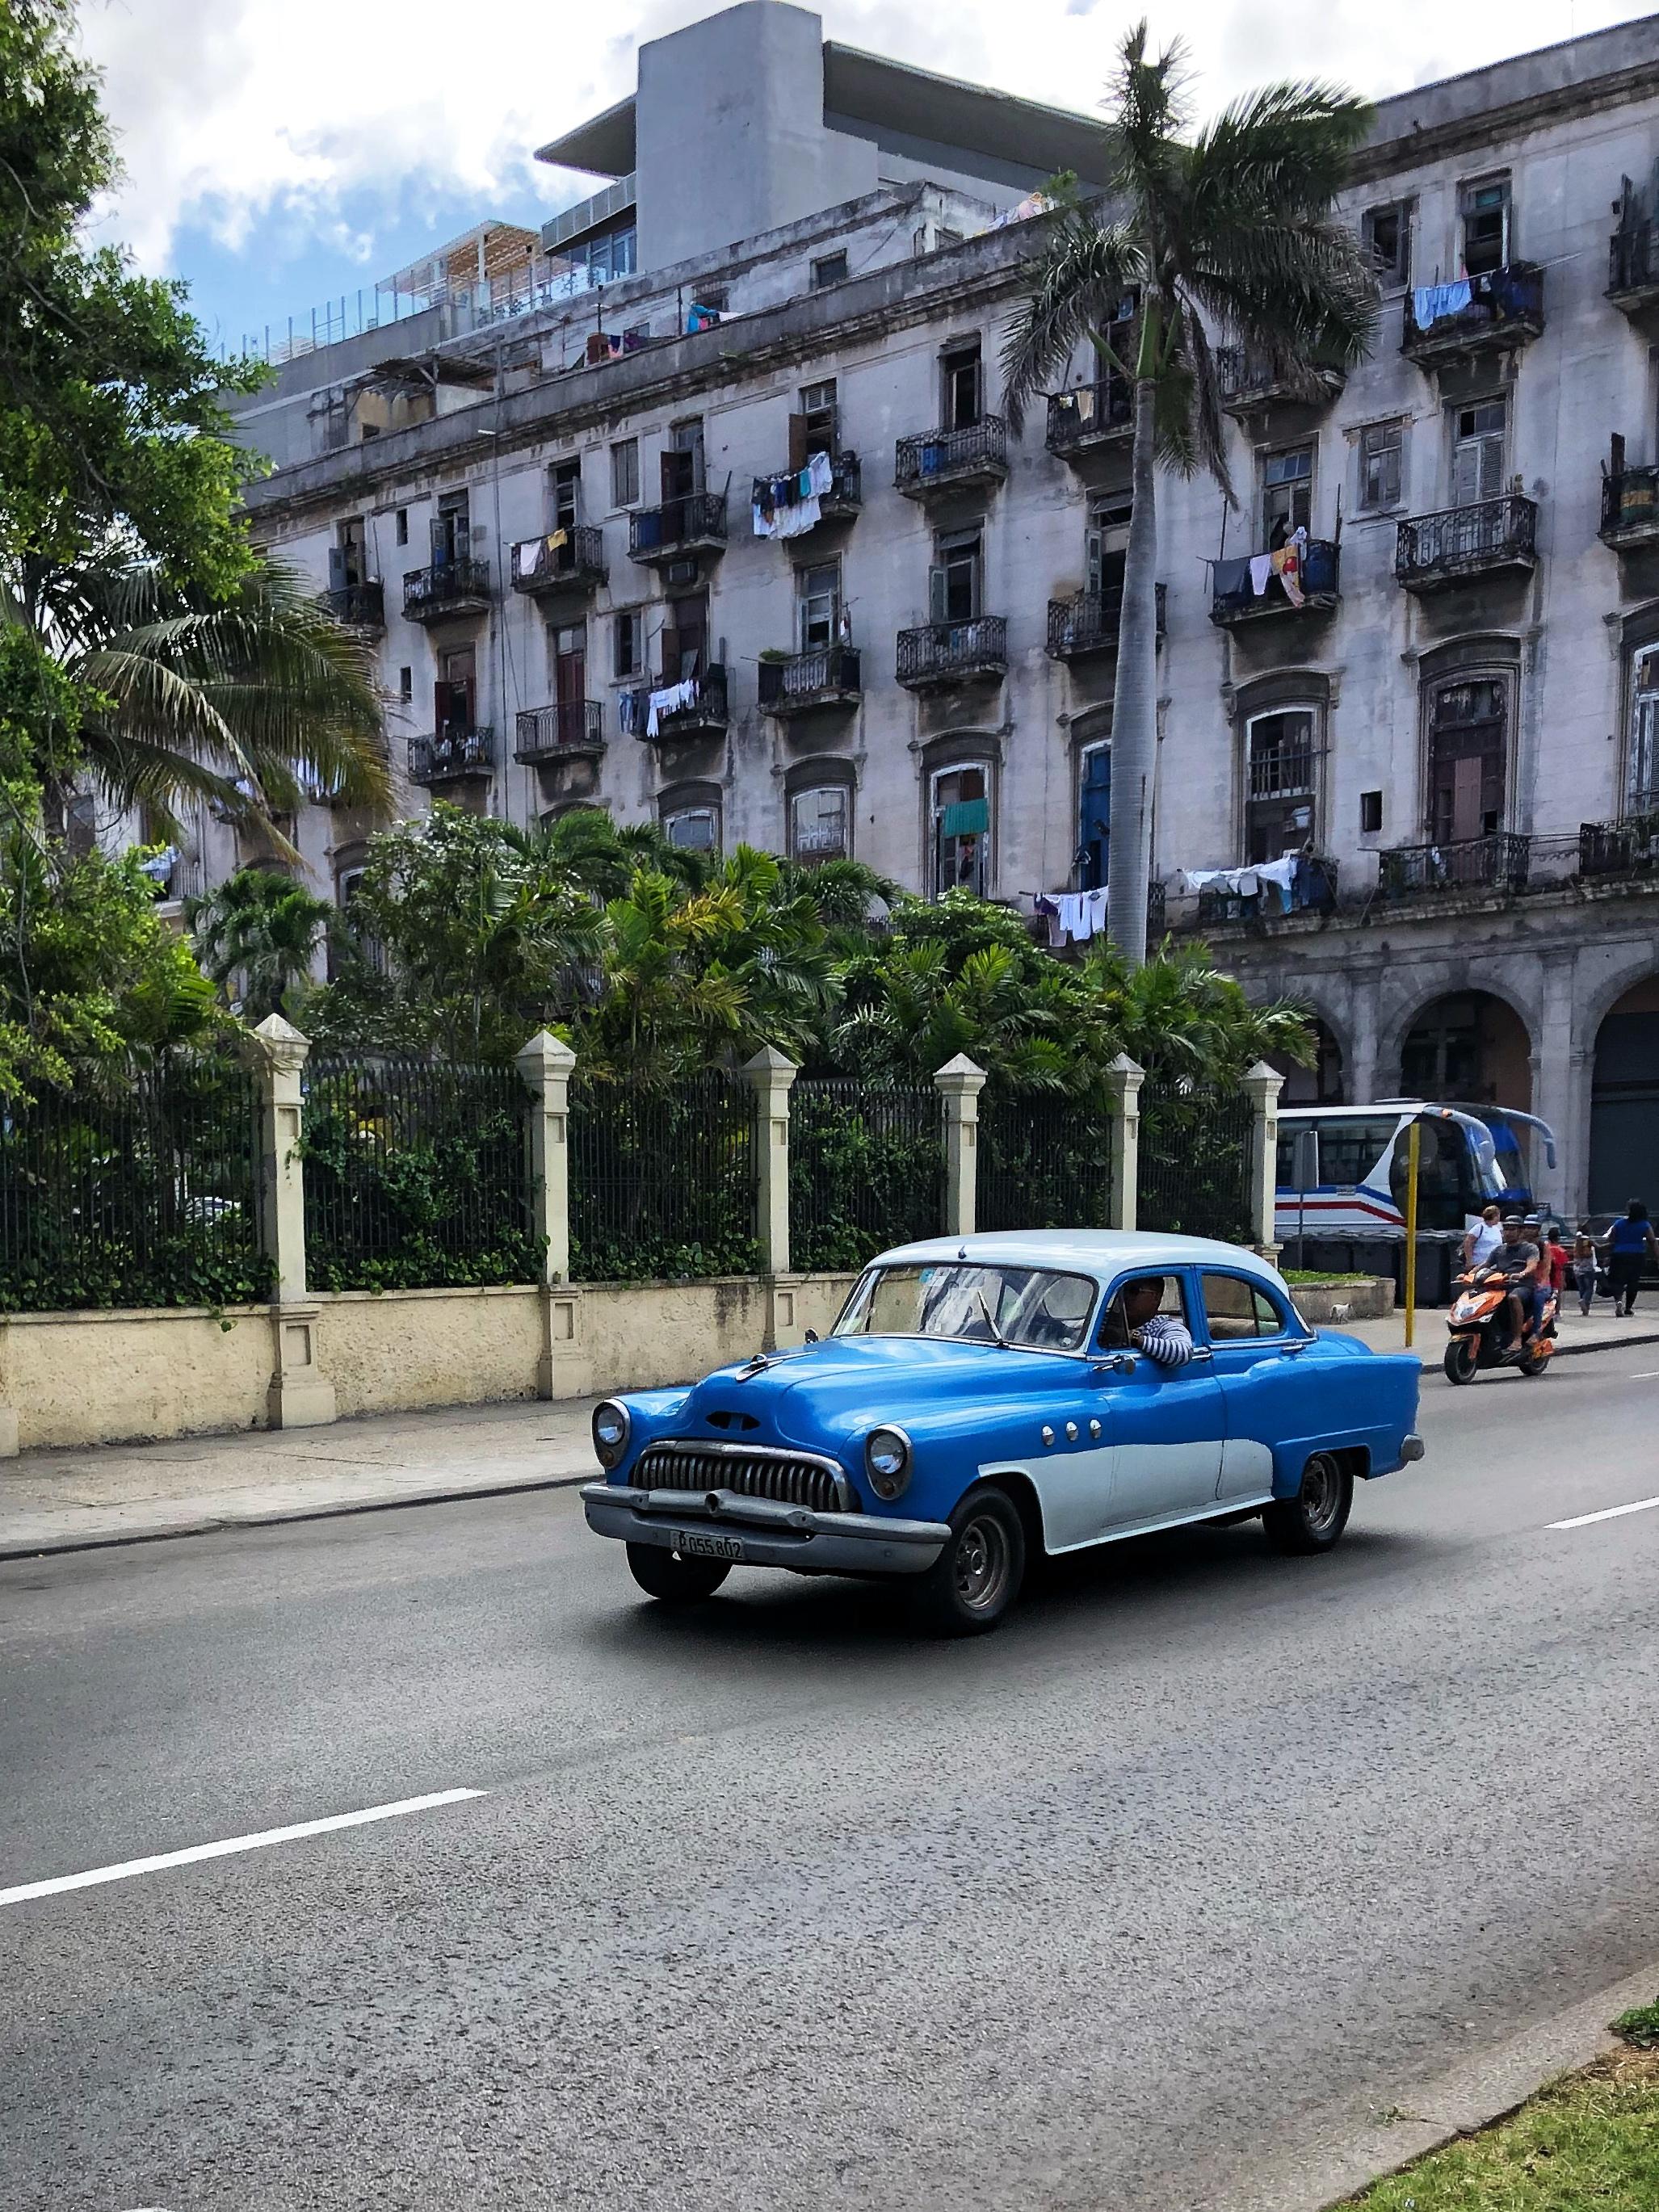 Havana-Cuba-Car.JPG?mtime=20180404135724#asset:101228